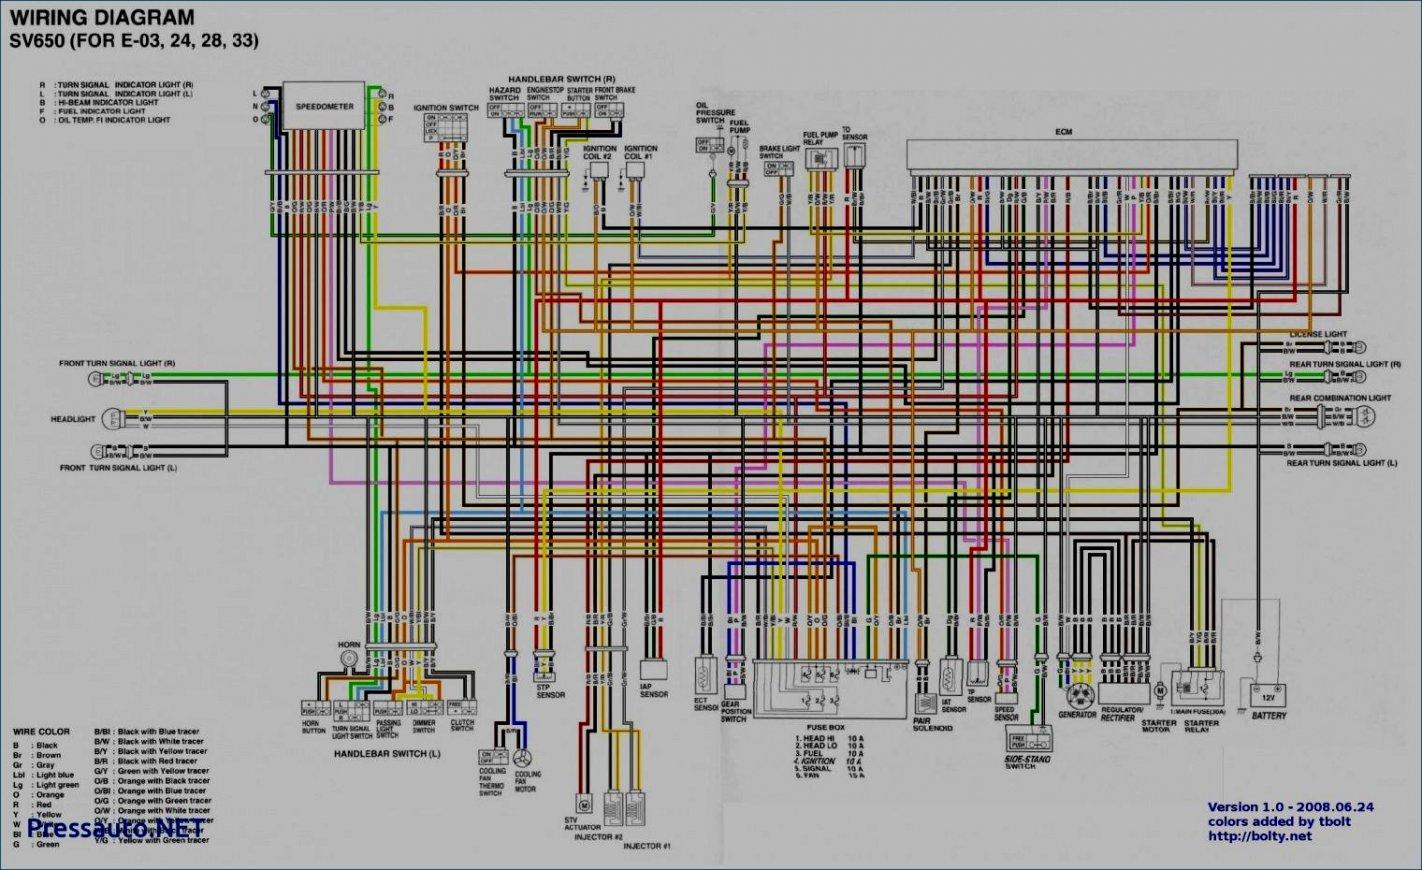 Lionel Train Wiring Diagrams | Manual E-Books - Lionel Train Wiring Diagram